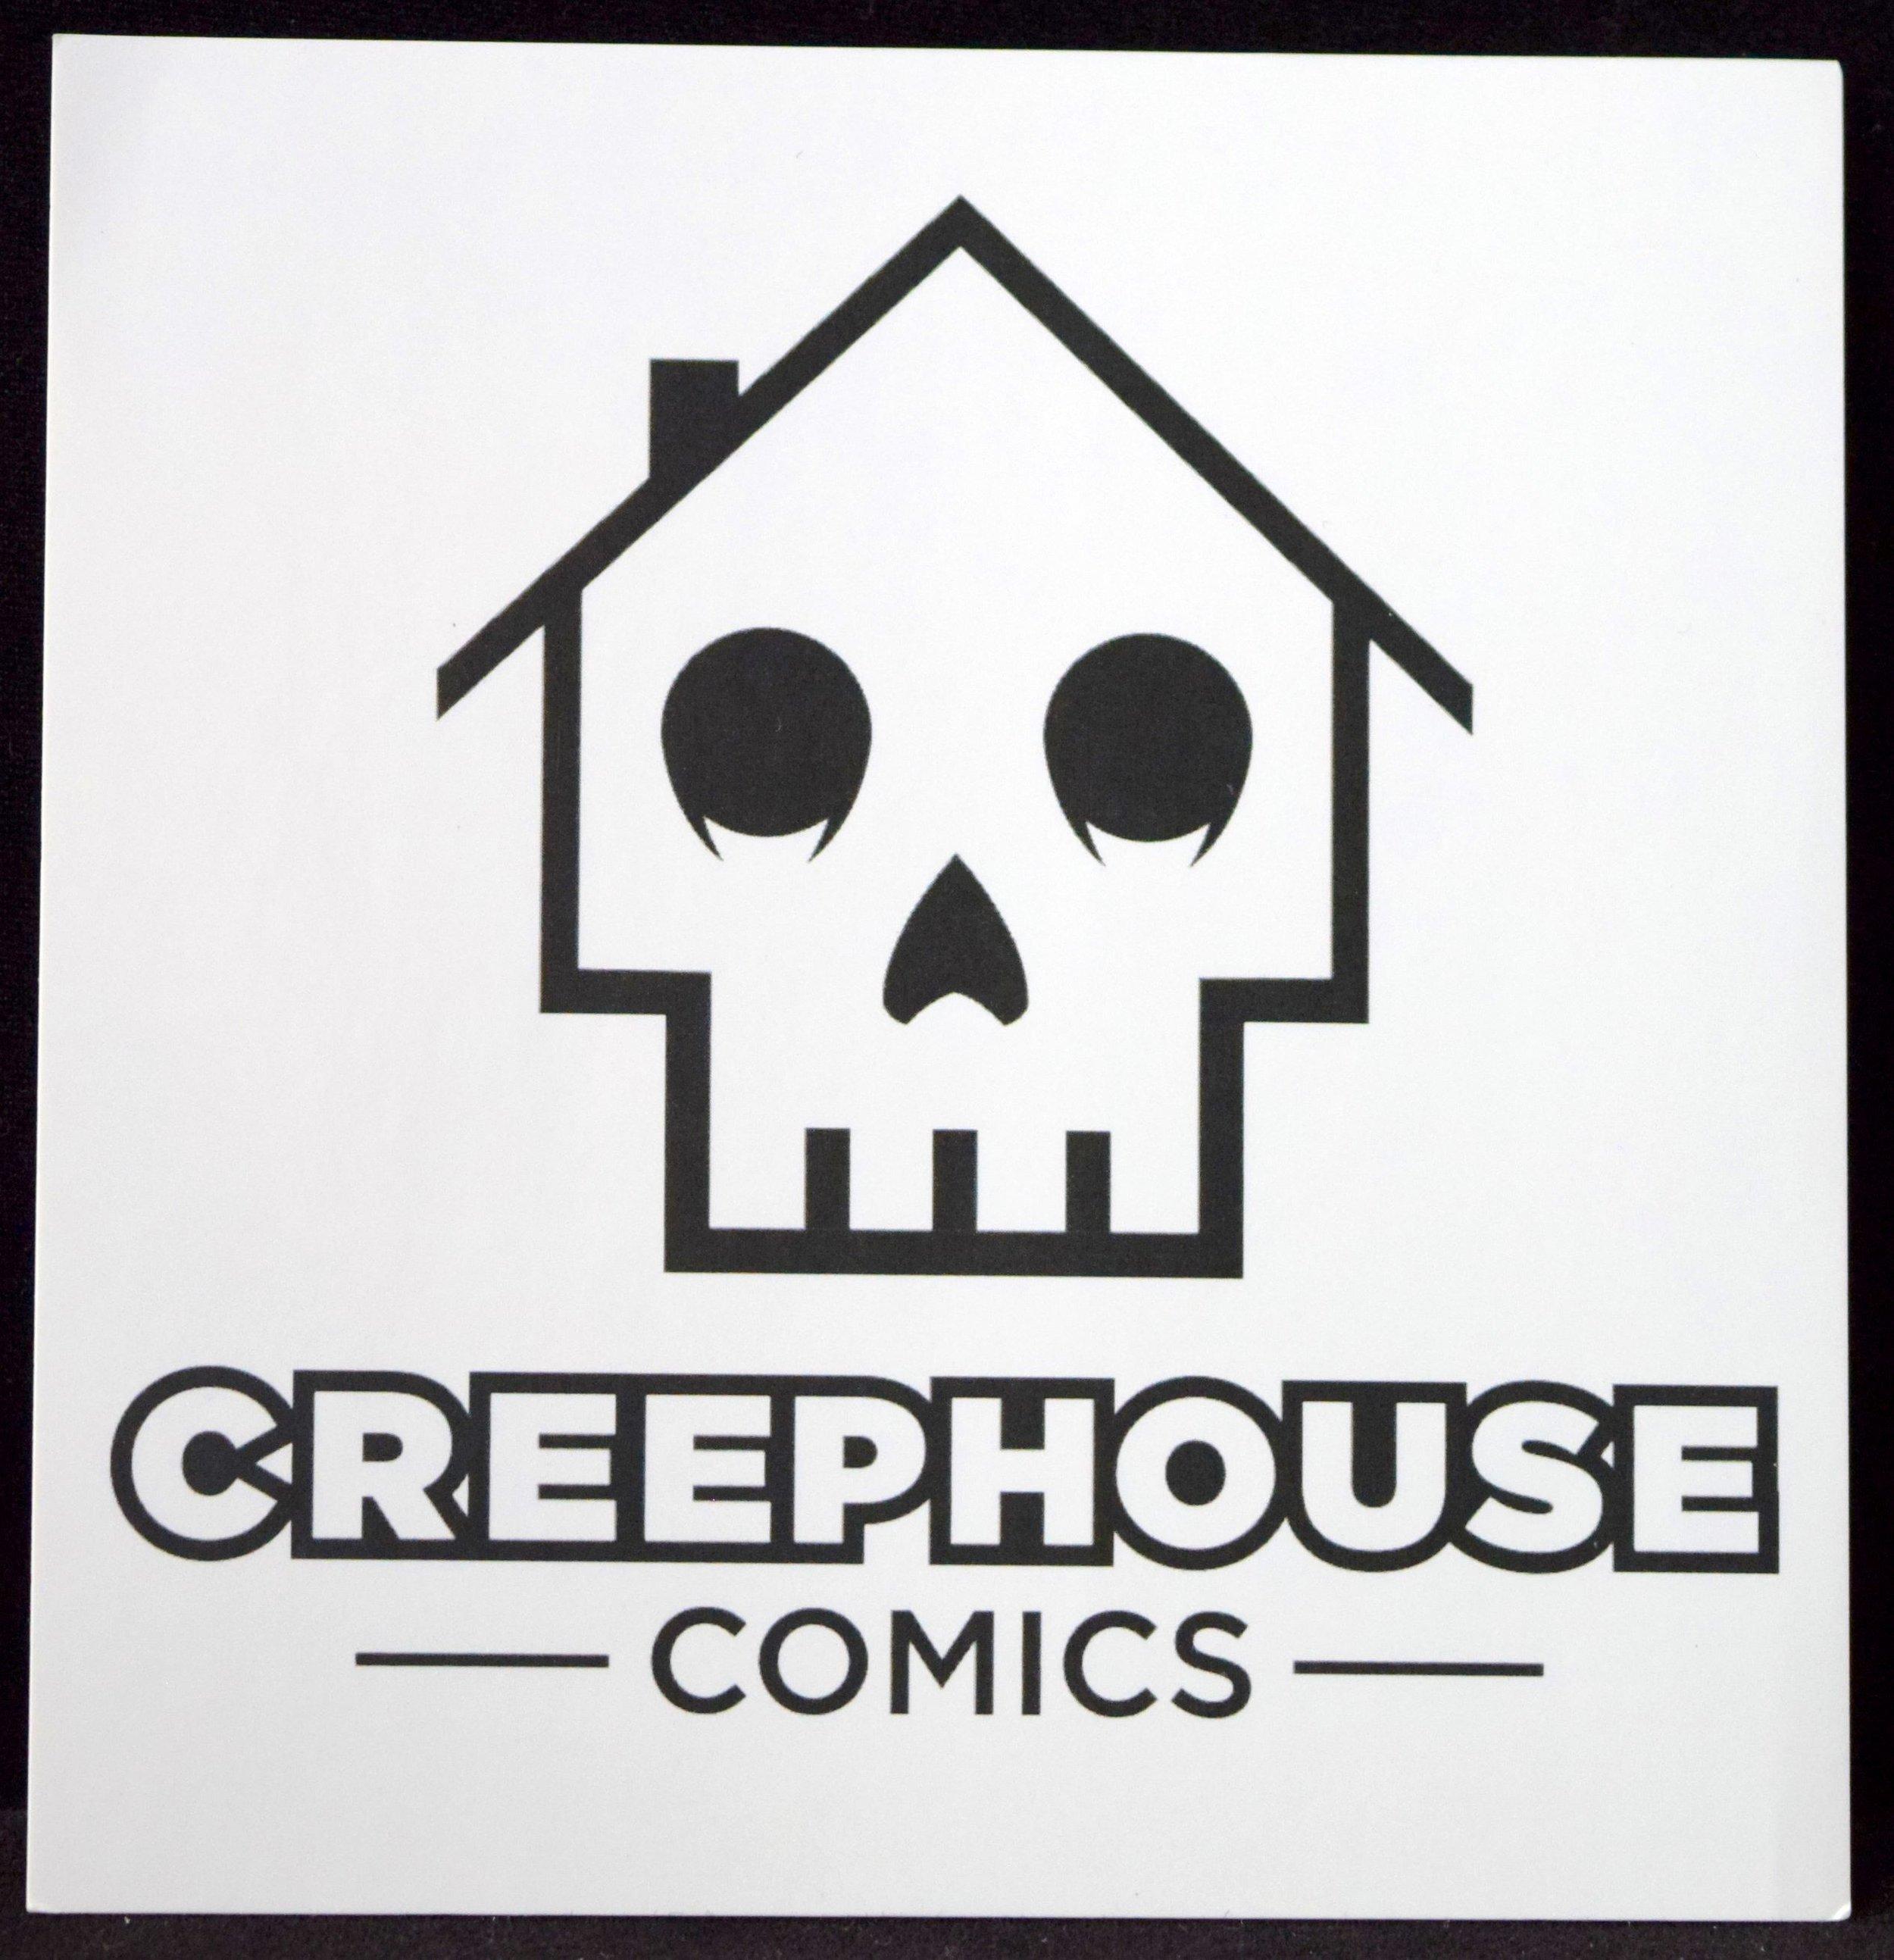 CreepHouse Comics Stickers!